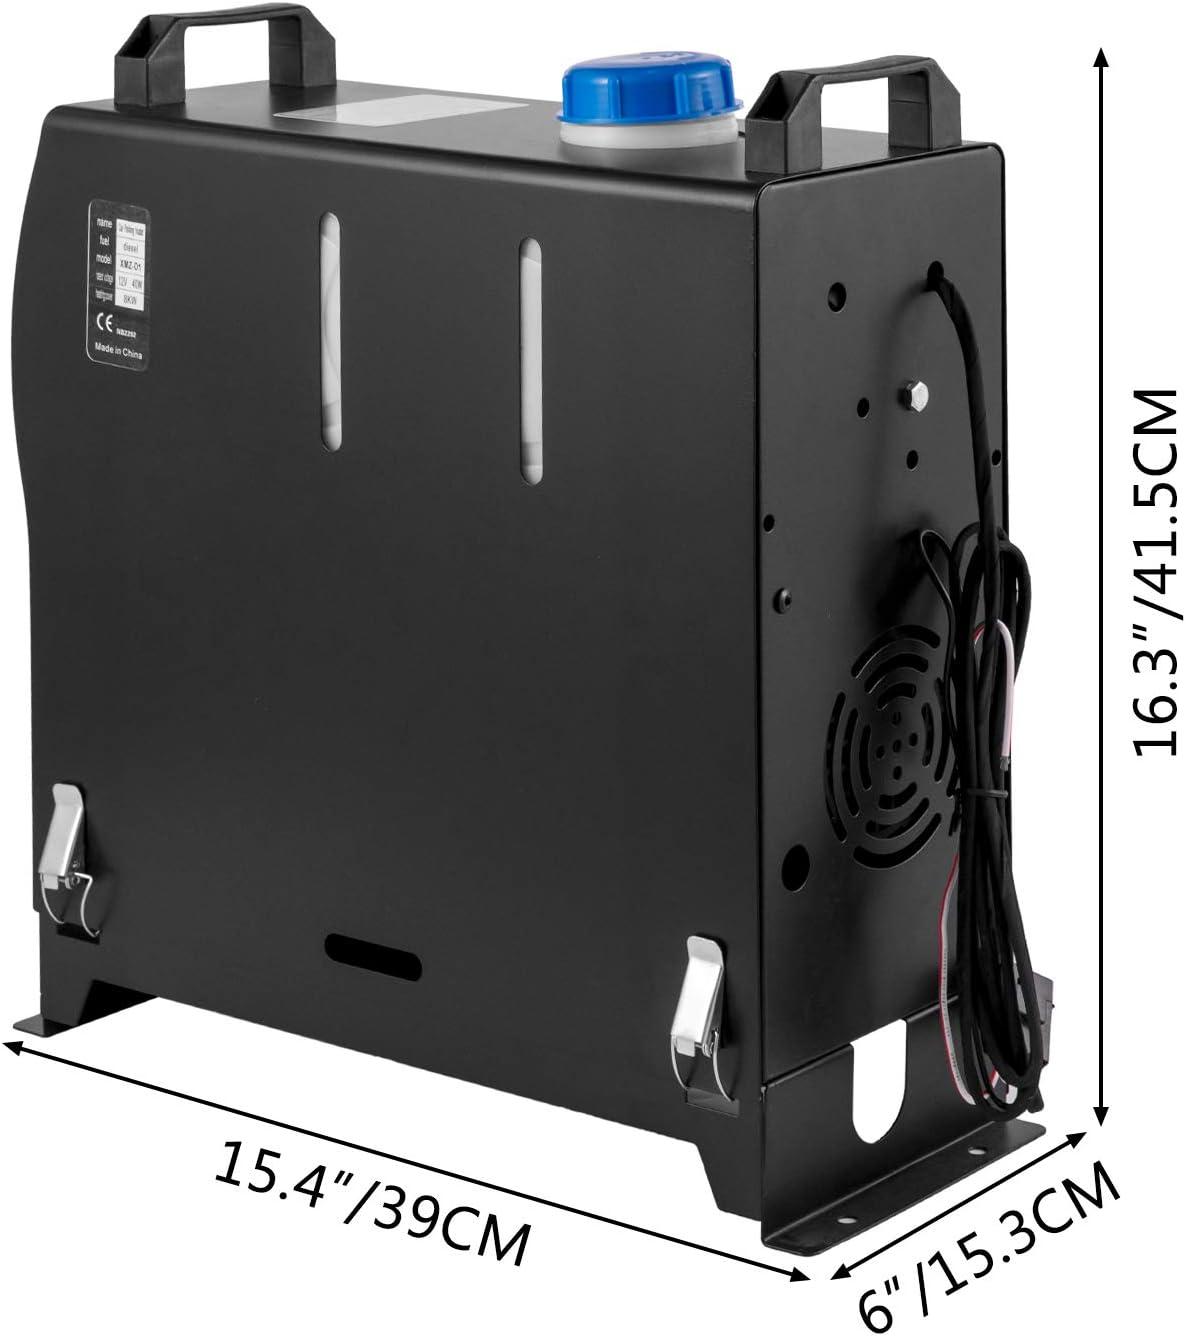 VEVOR Calentador de Aire Diesel 8 kW Calefacci/ón Estacionaria 12 V Diesel Port/átil Calentador de Estacionamiento Diesel Calefacci/ón Est/ática Furgoneta Diesel Calentador Coche Temperatura +80 /°C 40